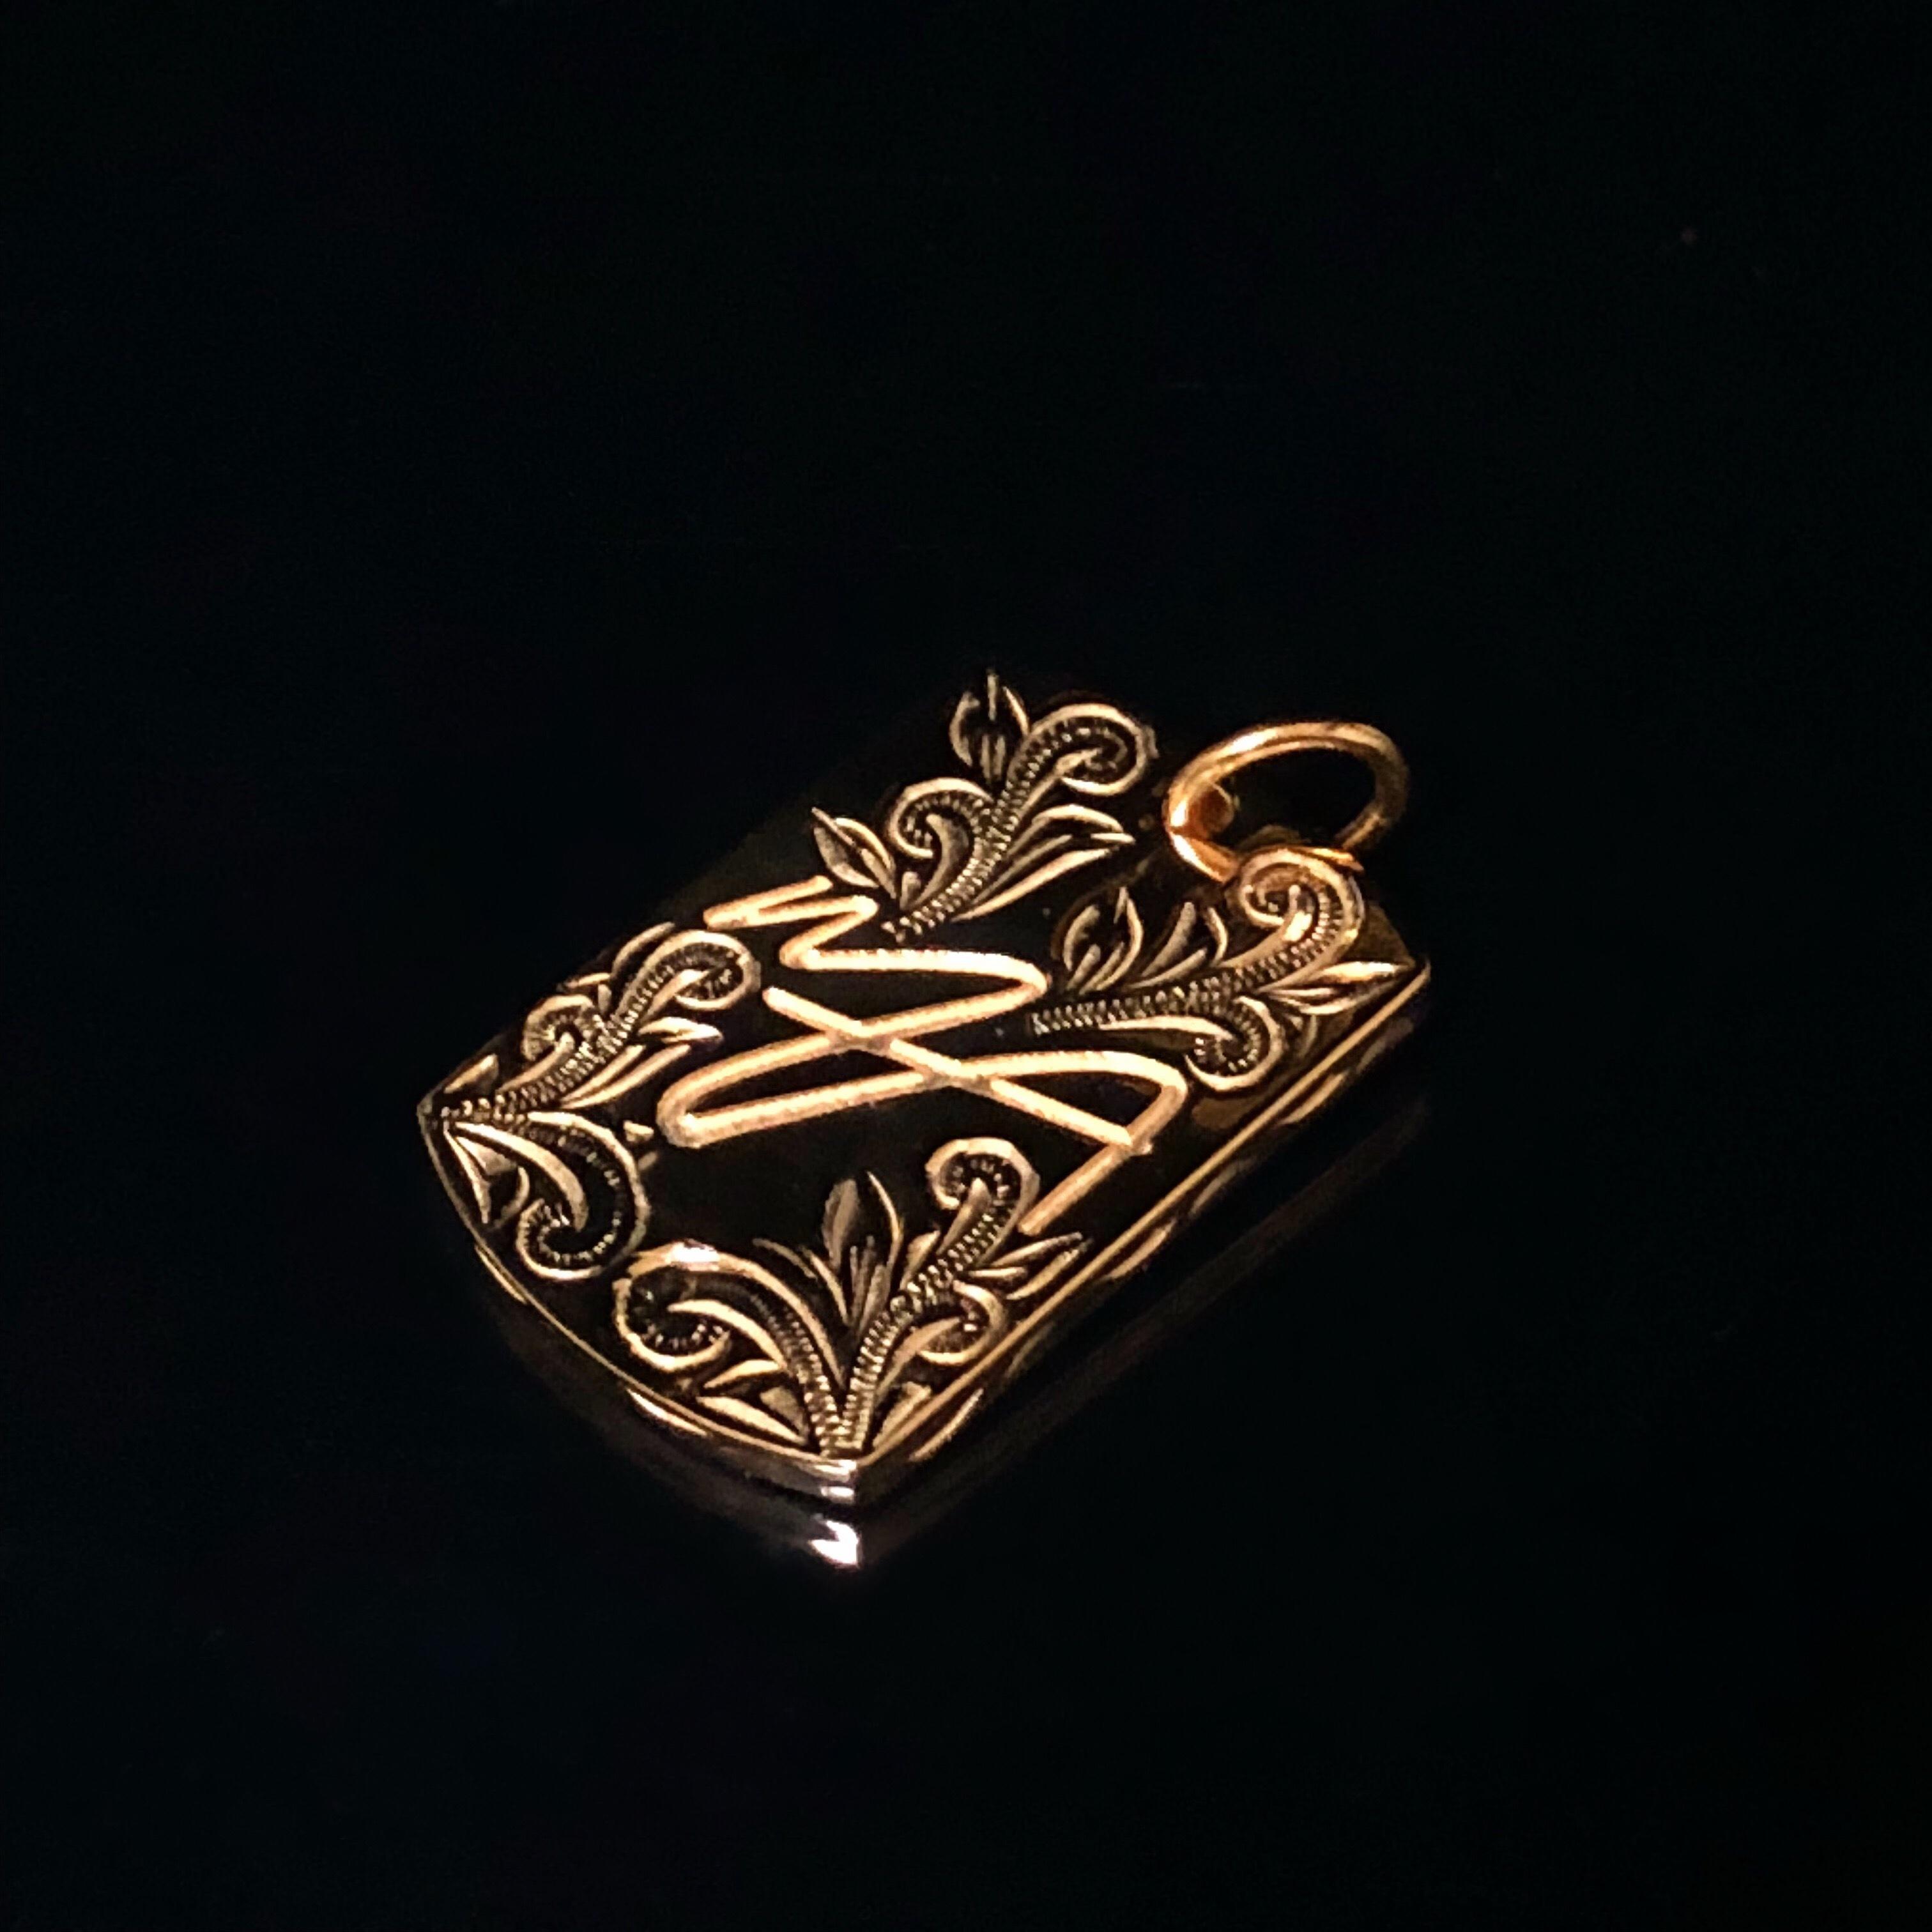 【予約販売】24kgp Hawaiian jewelry dog tag(MAR logo )